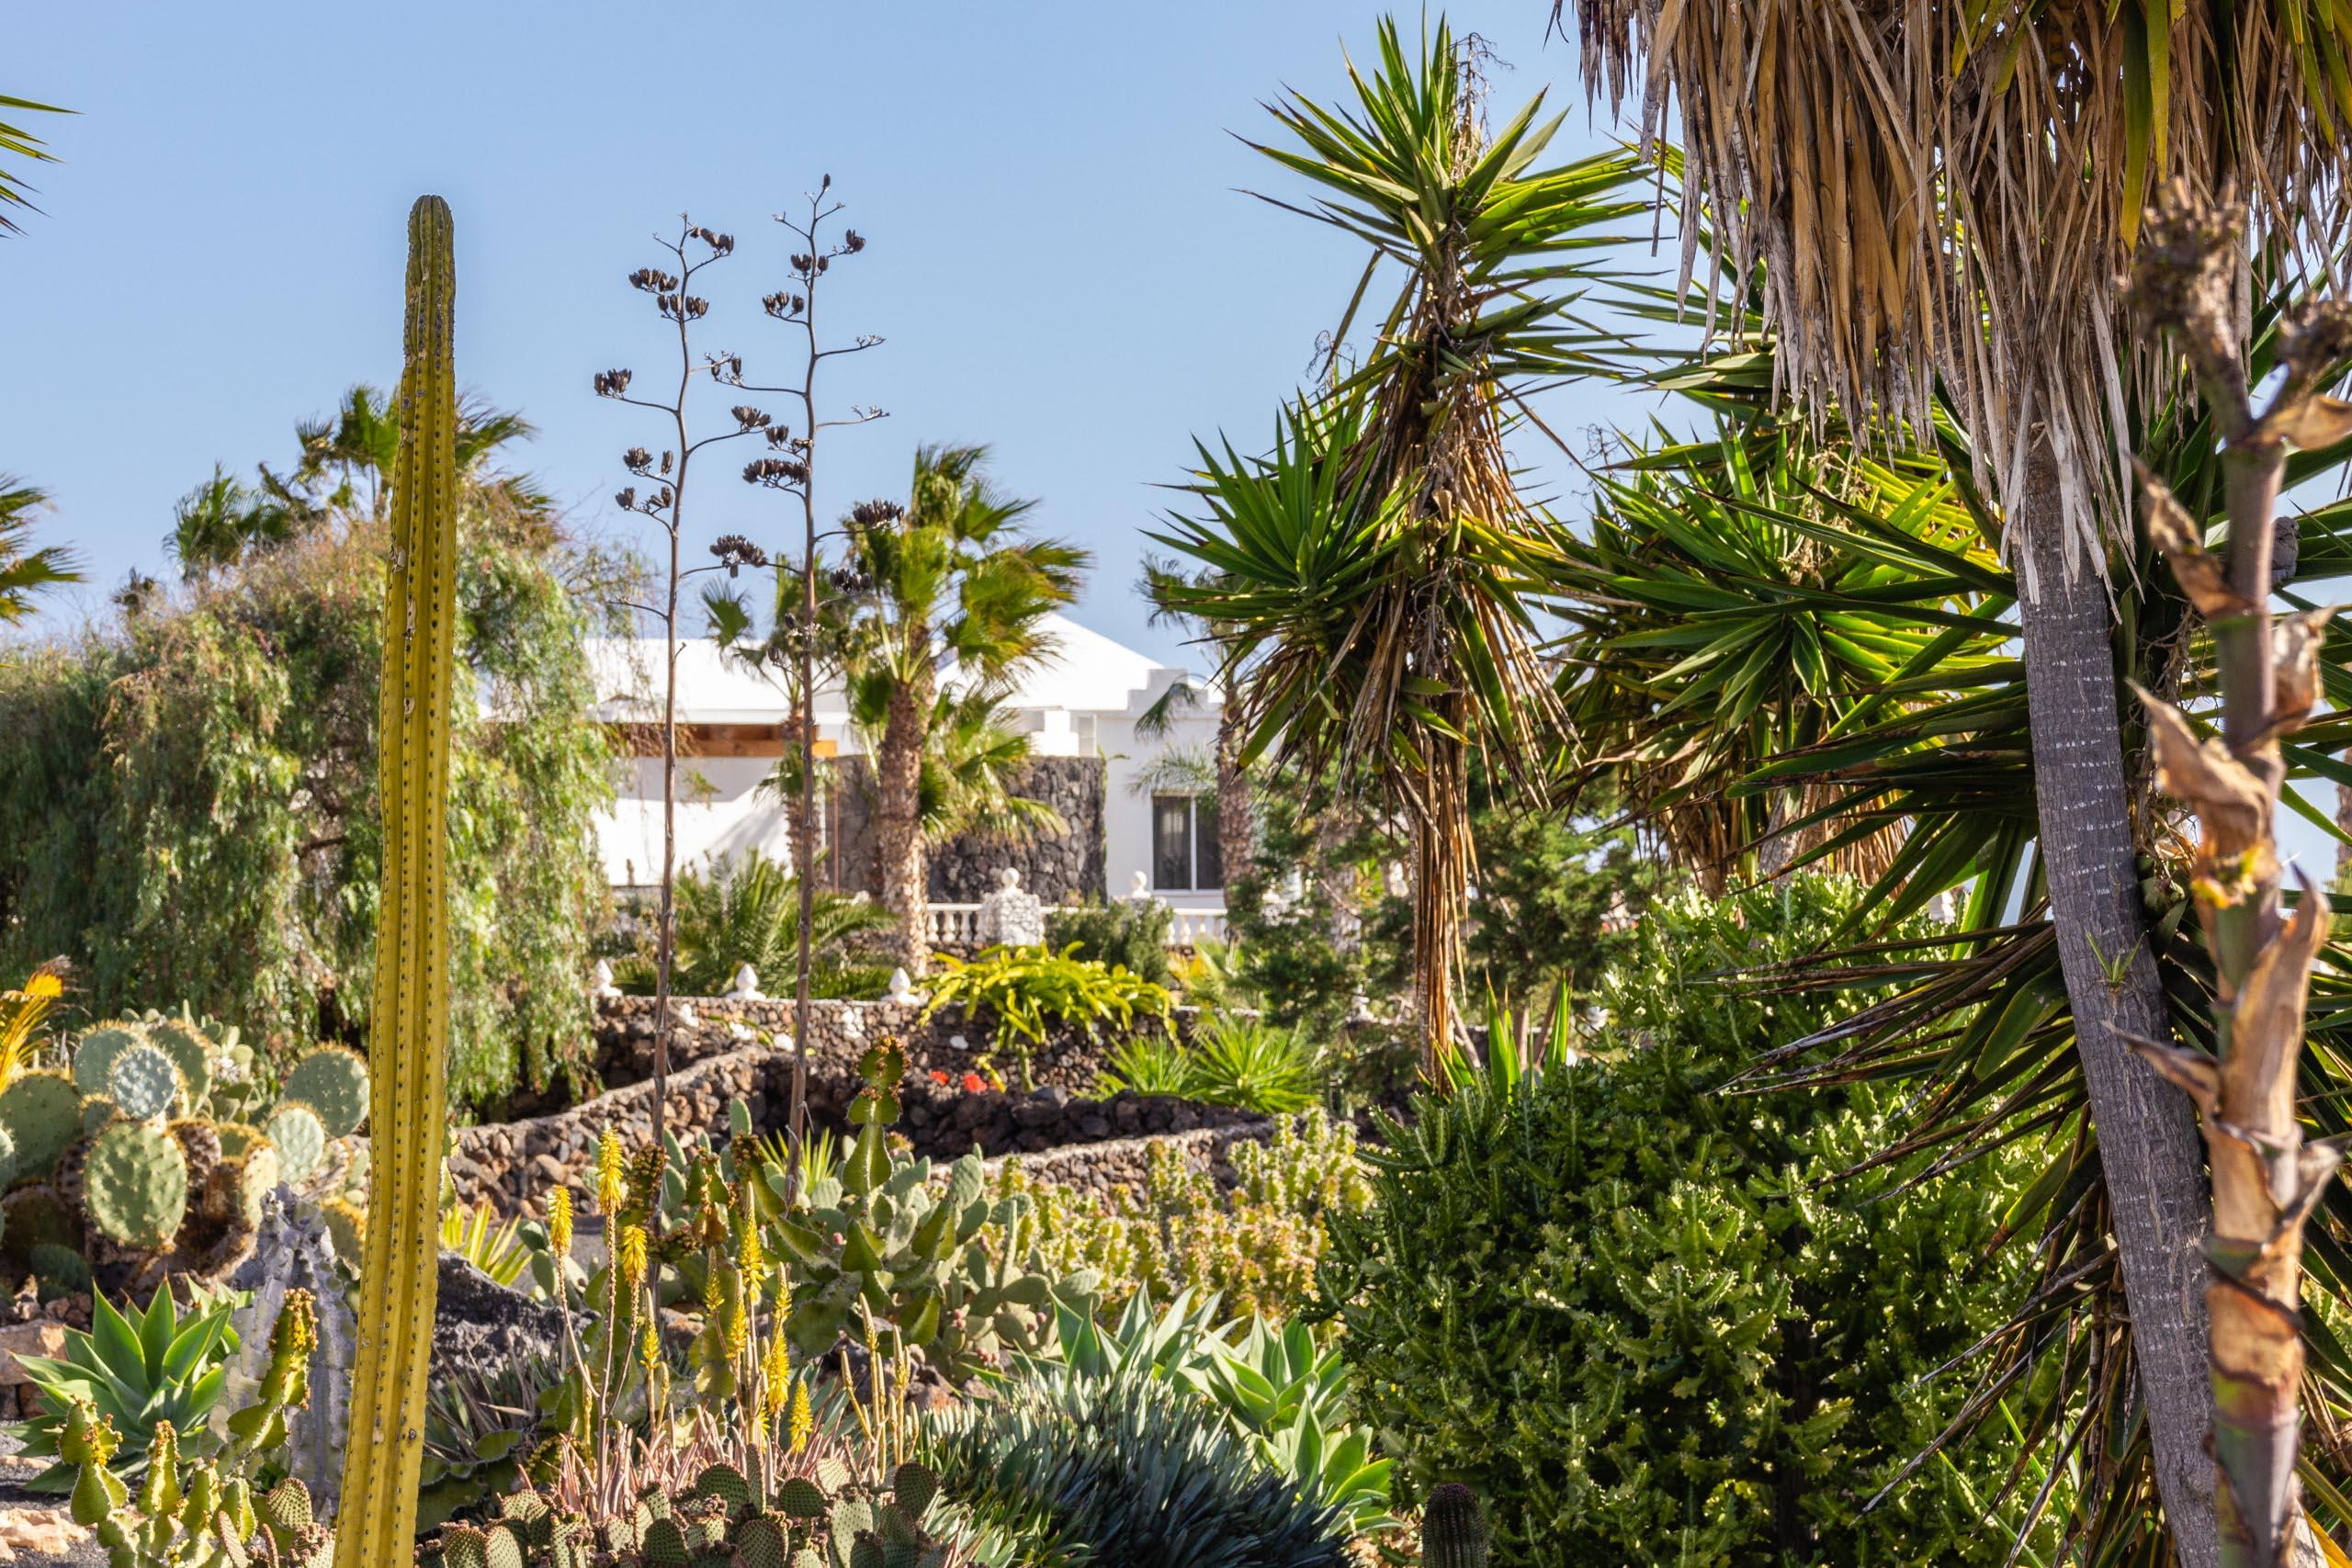 2014 02 Lanzarote Garden 002